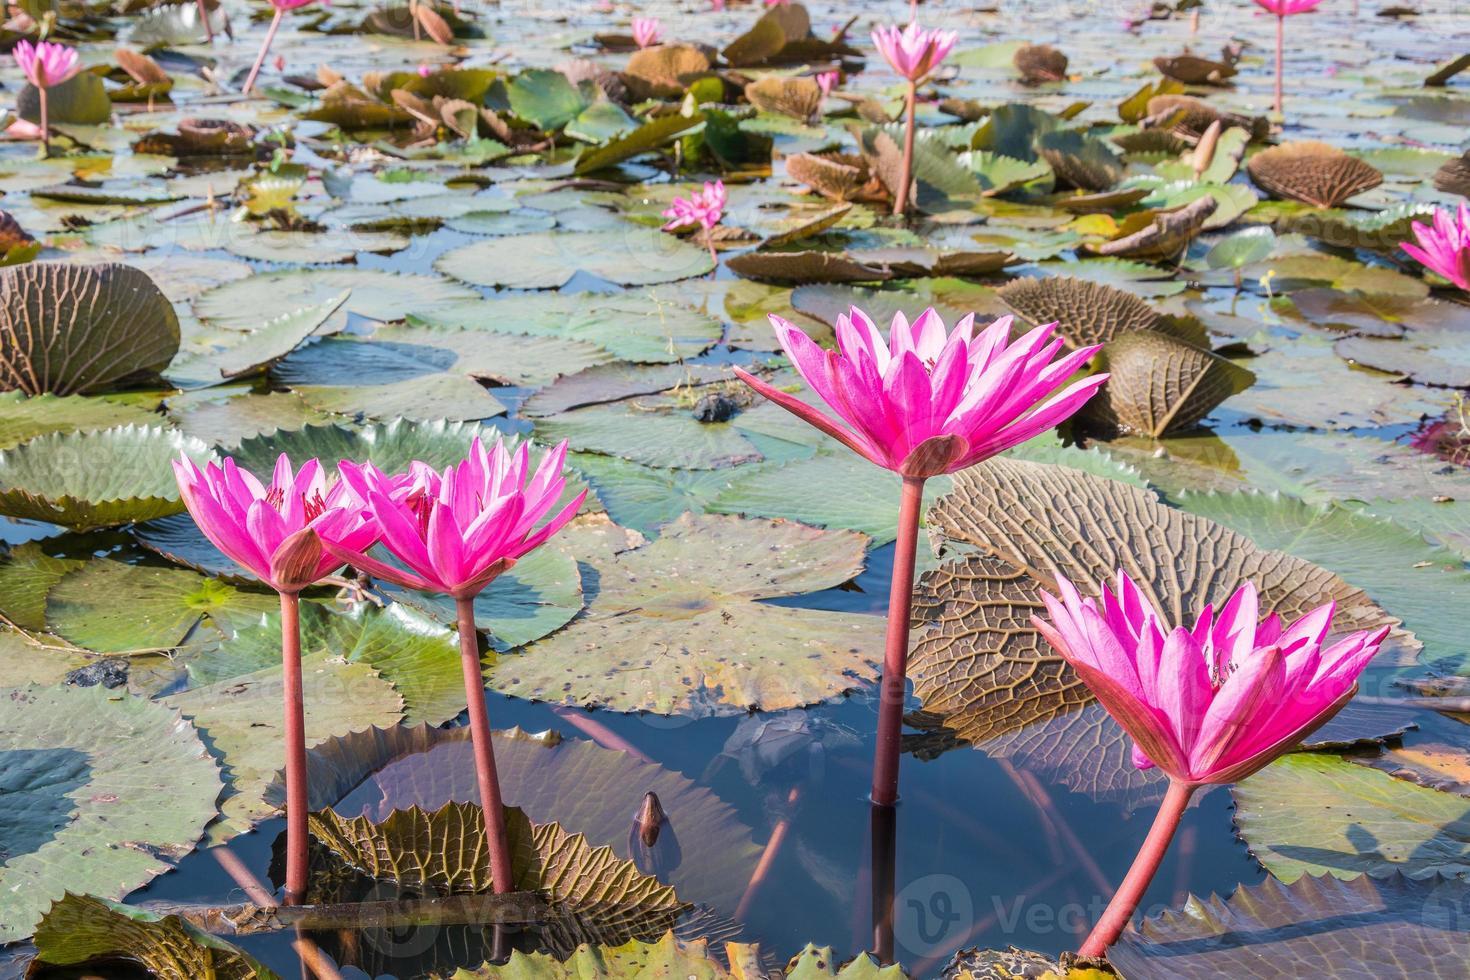 die schöne blühende Lotusblume im See foto